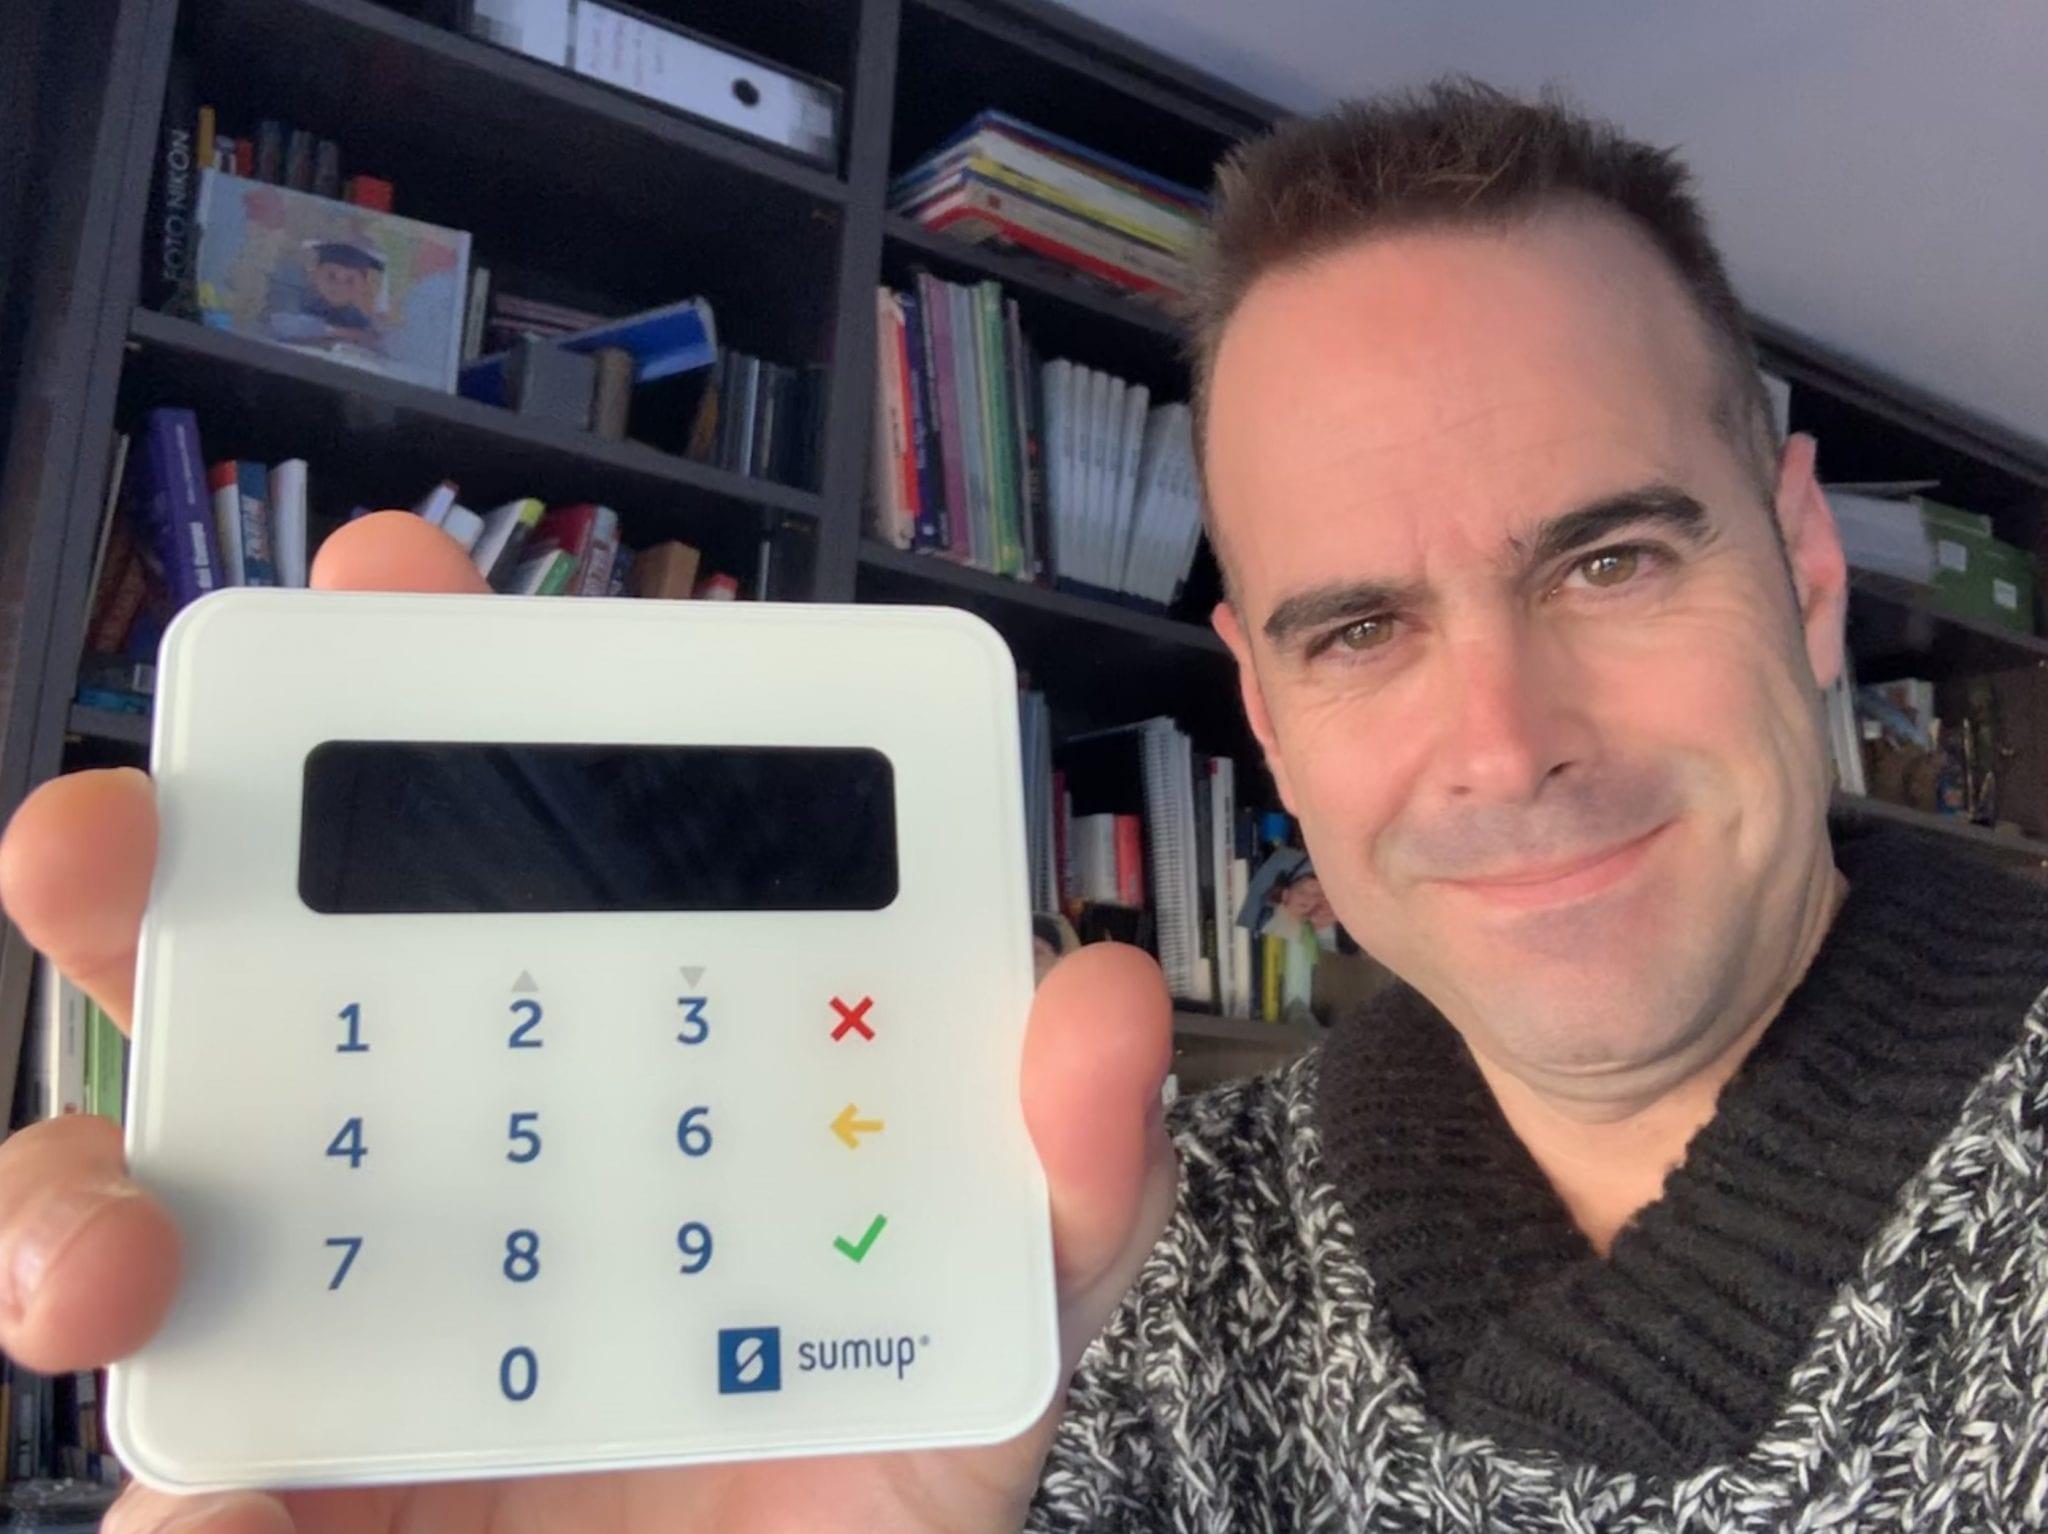 Opinión SumUp: el tpv móvil, barato para recibir pagos con tarjeta